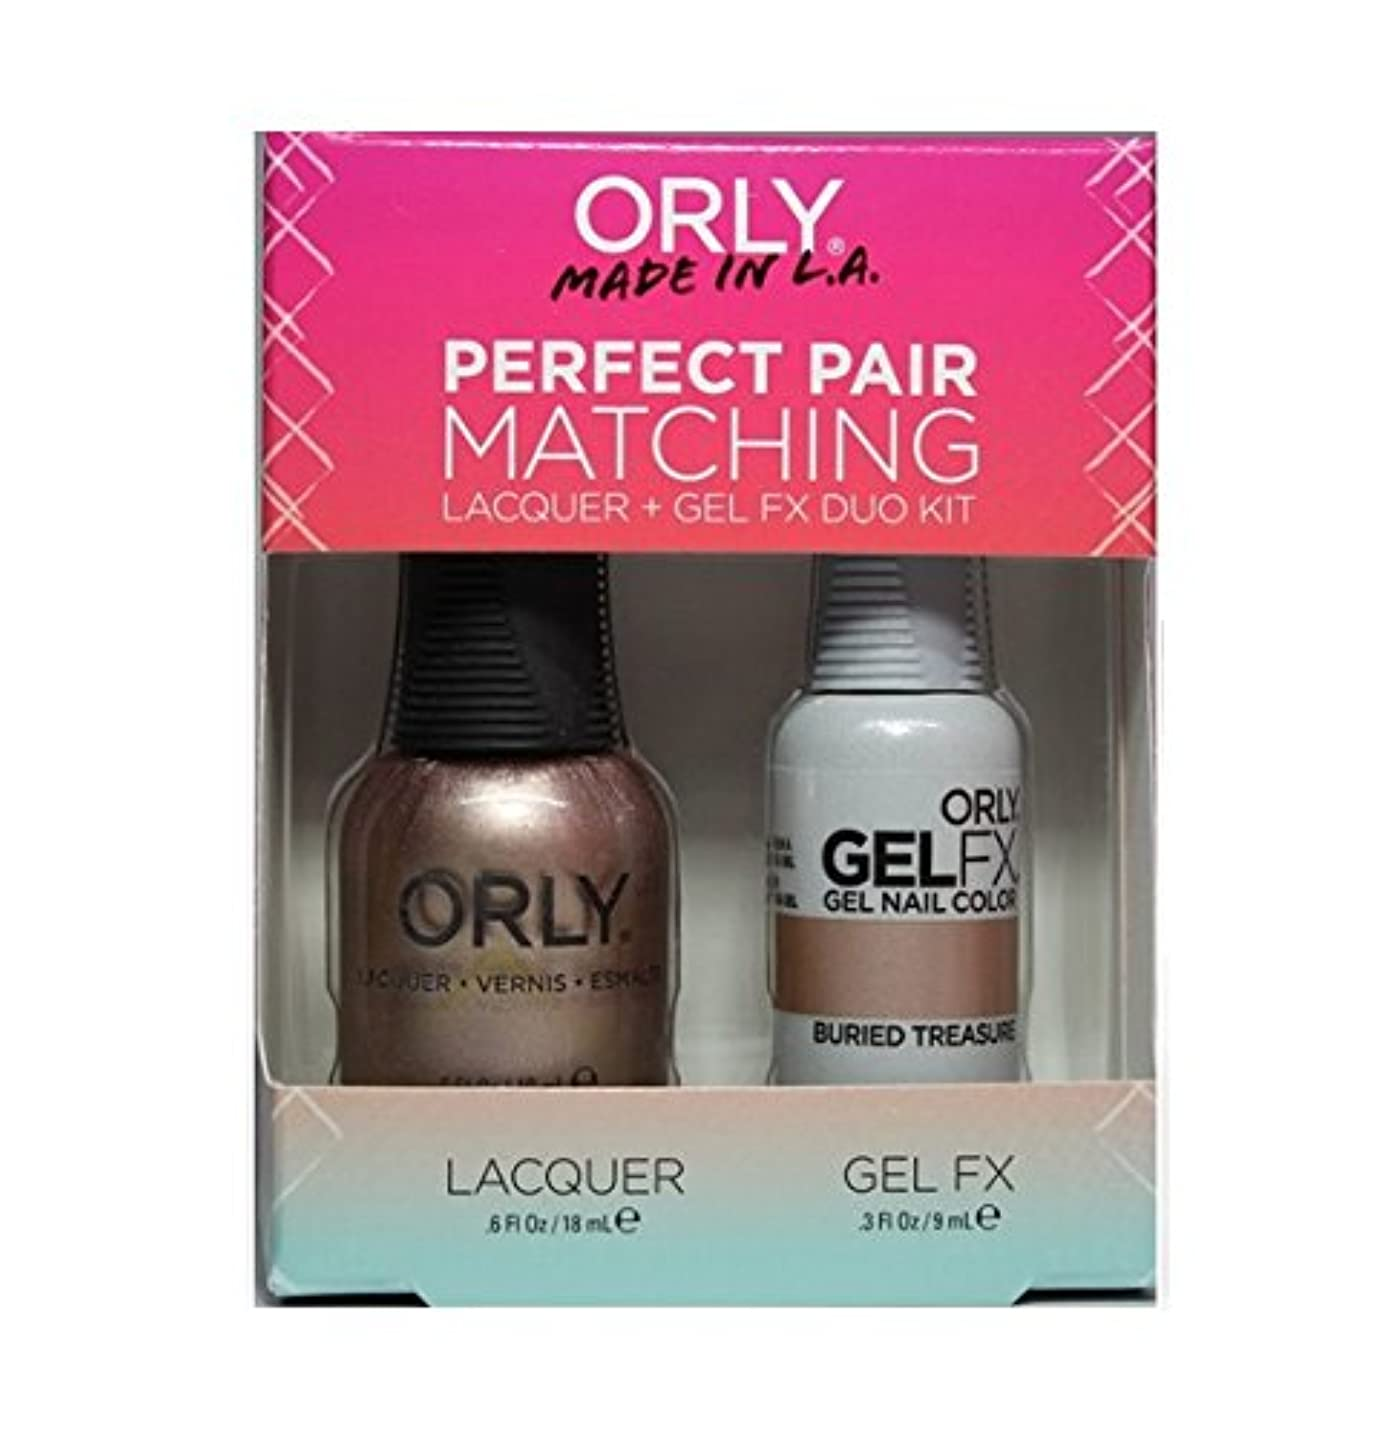 資産研磨剤表現Orly - Perfect Pair Matching Lacquer+Gel FX Kit - Buried Treasure - 0.6 oz / 0.3 oz